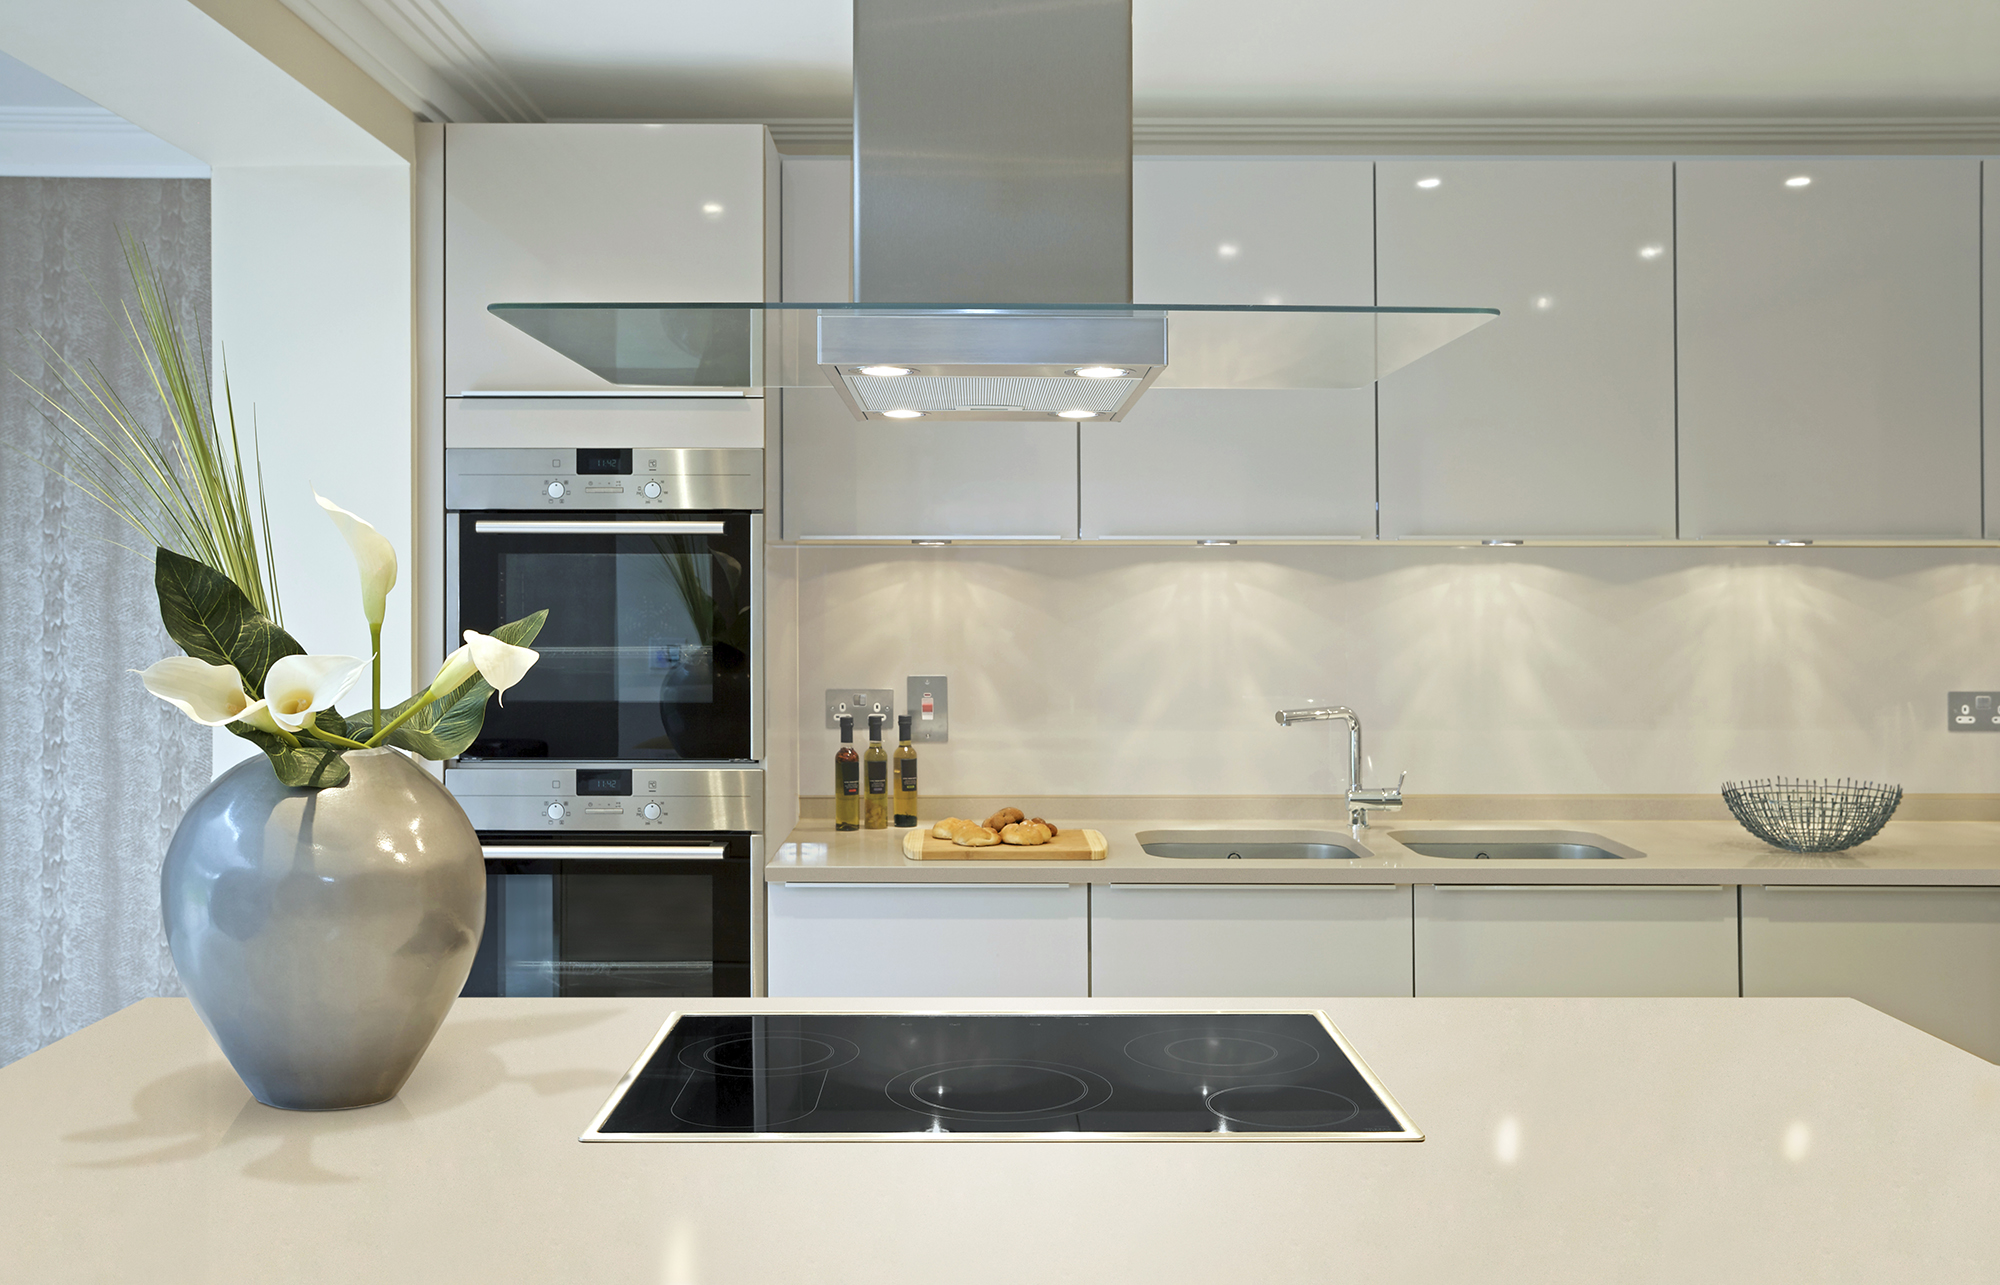 Белая кухня в стиле модерн с обильным освещением